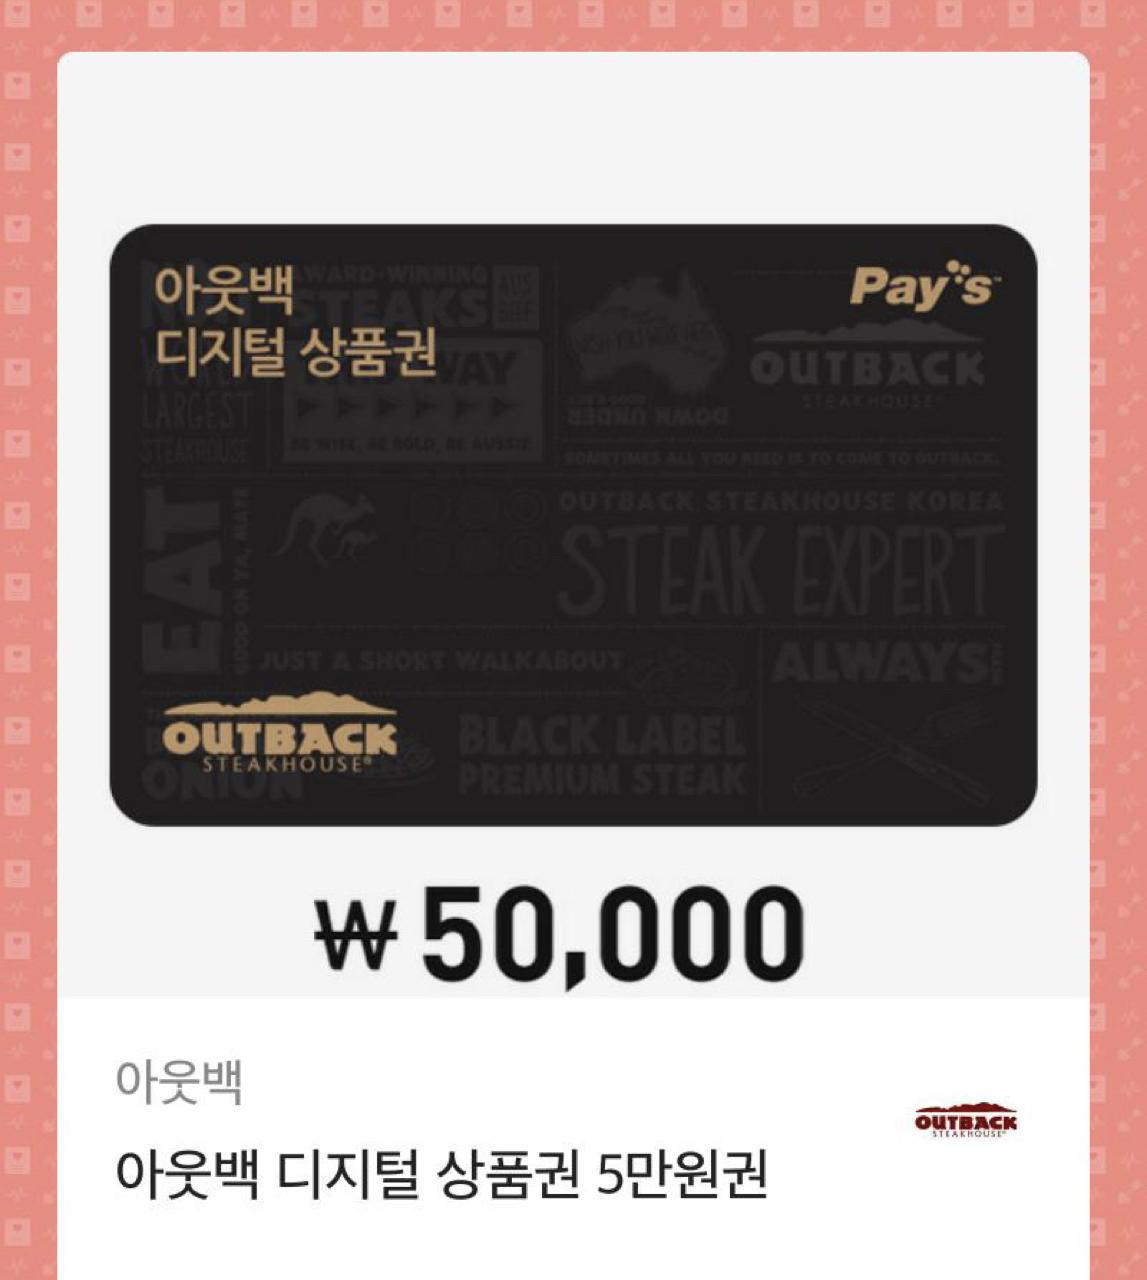 아웃백 잔액관리형 5만원권